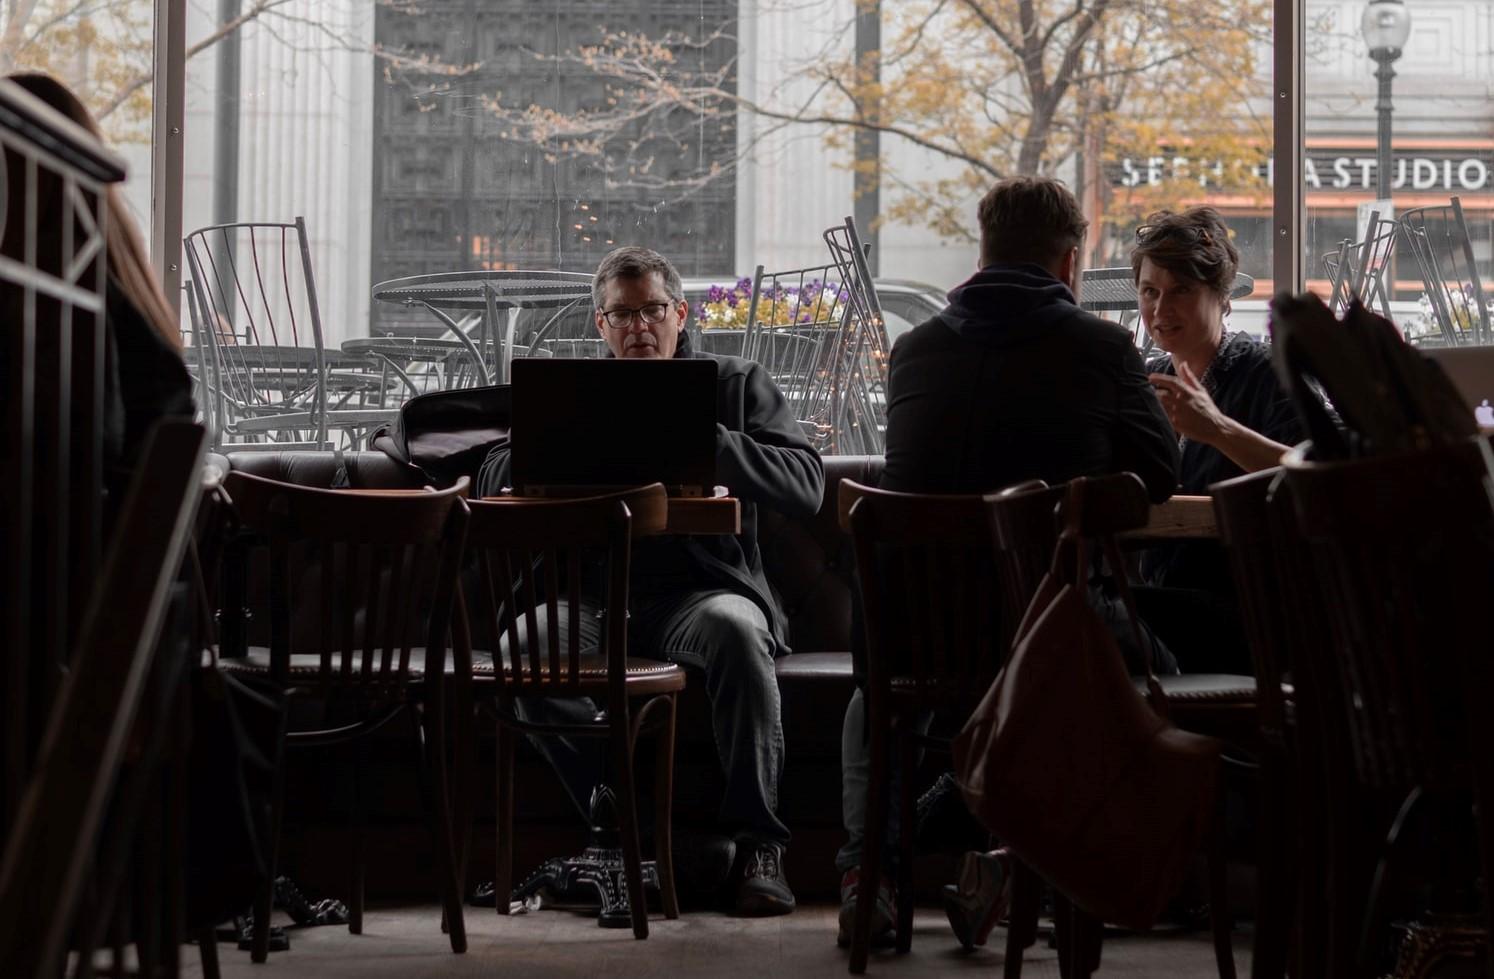 La solitudine del consulente: un uomo da solo davanti a un laptop a un tavolo di ristorante